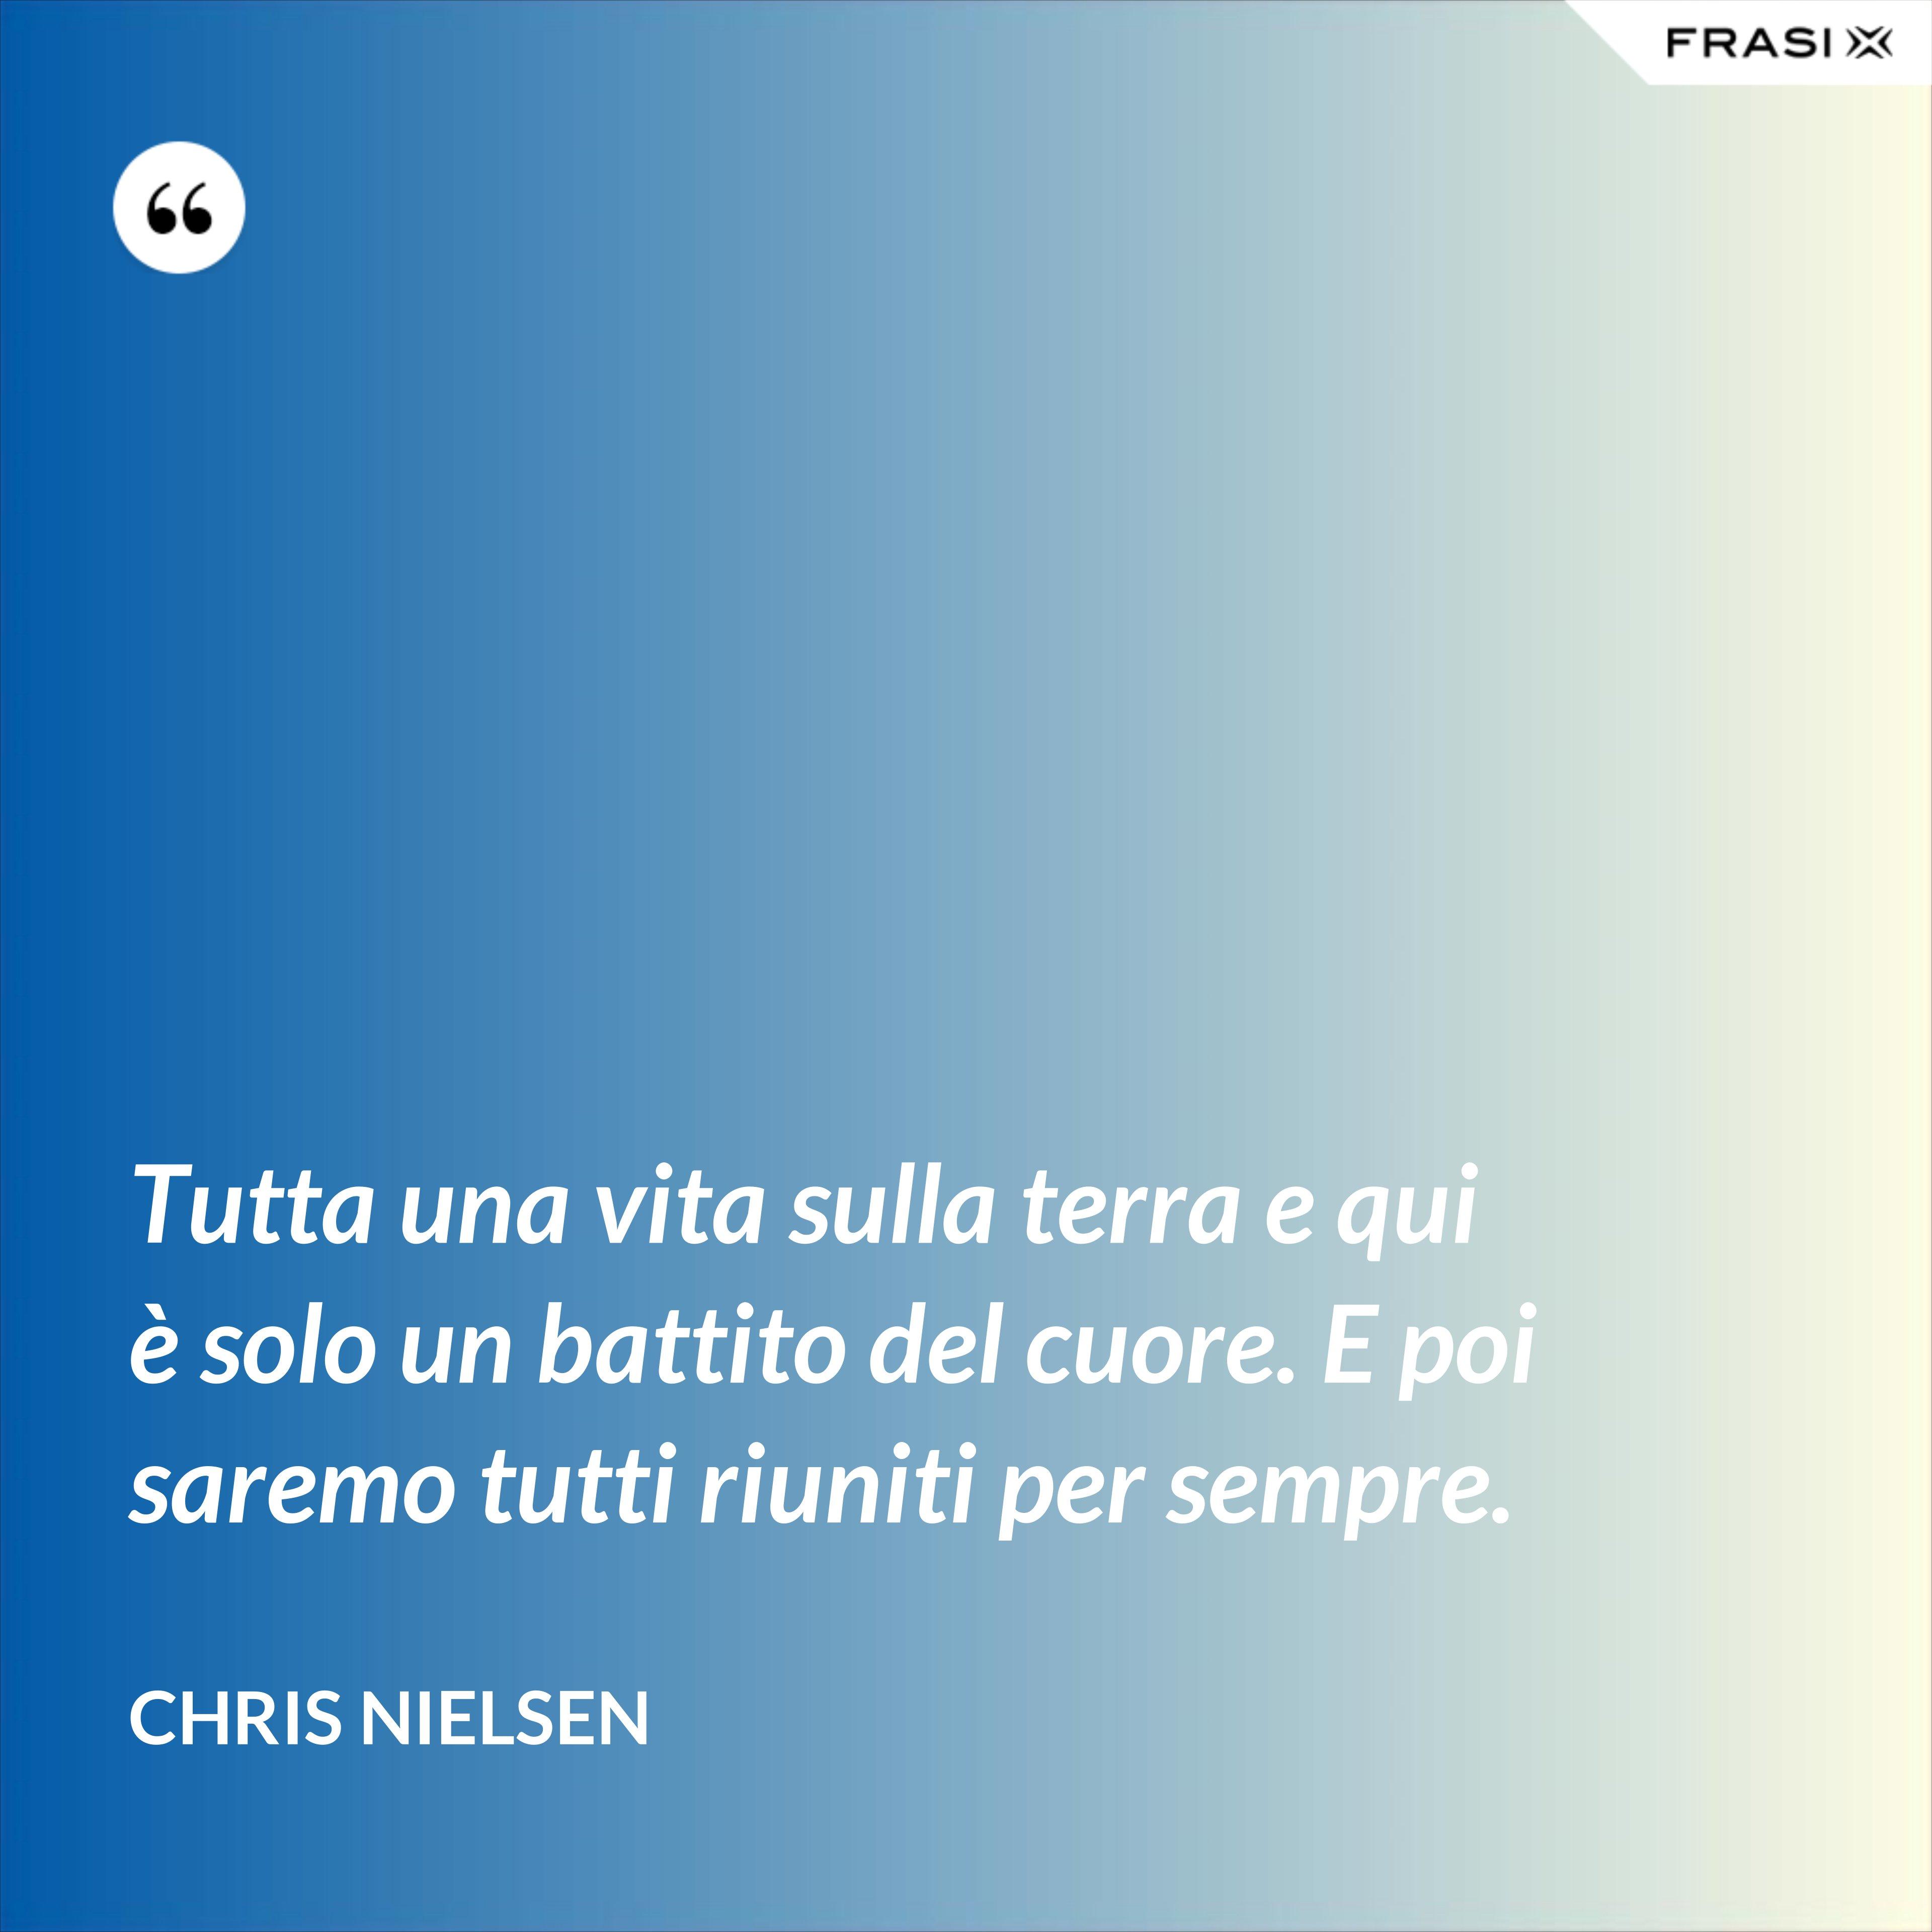 Tutta una vita sulla terra e qui è solo un battito del cuore. E poi saremo tutti riuniti per sempre. - Chris Nielsen